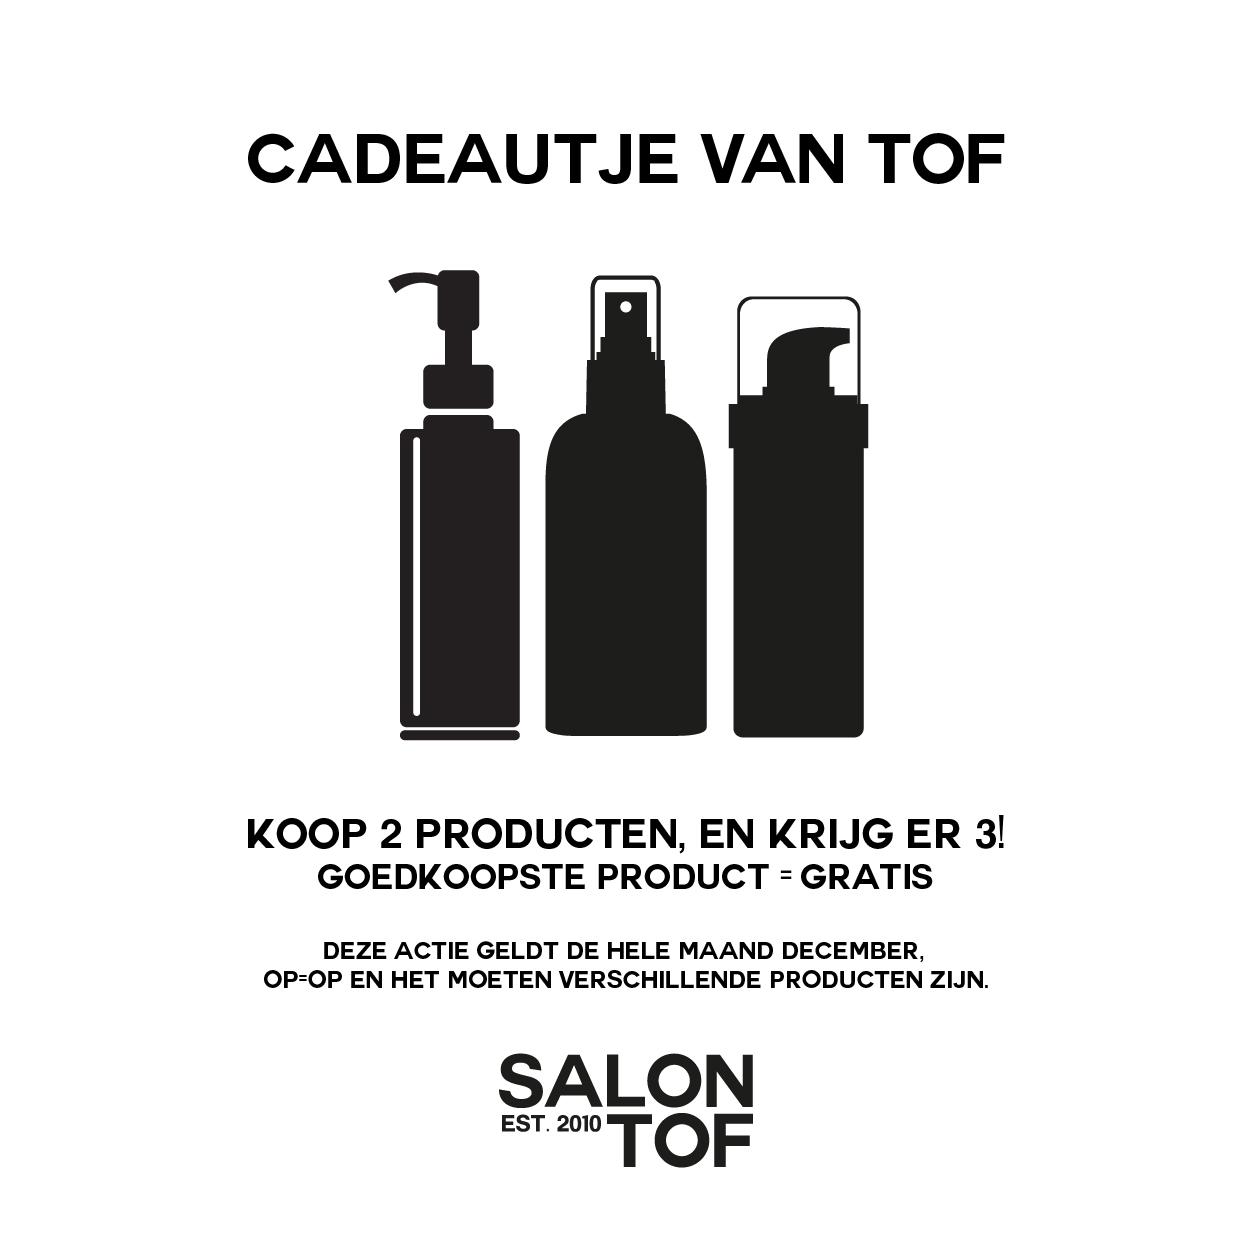 salontof_cadeautje-02